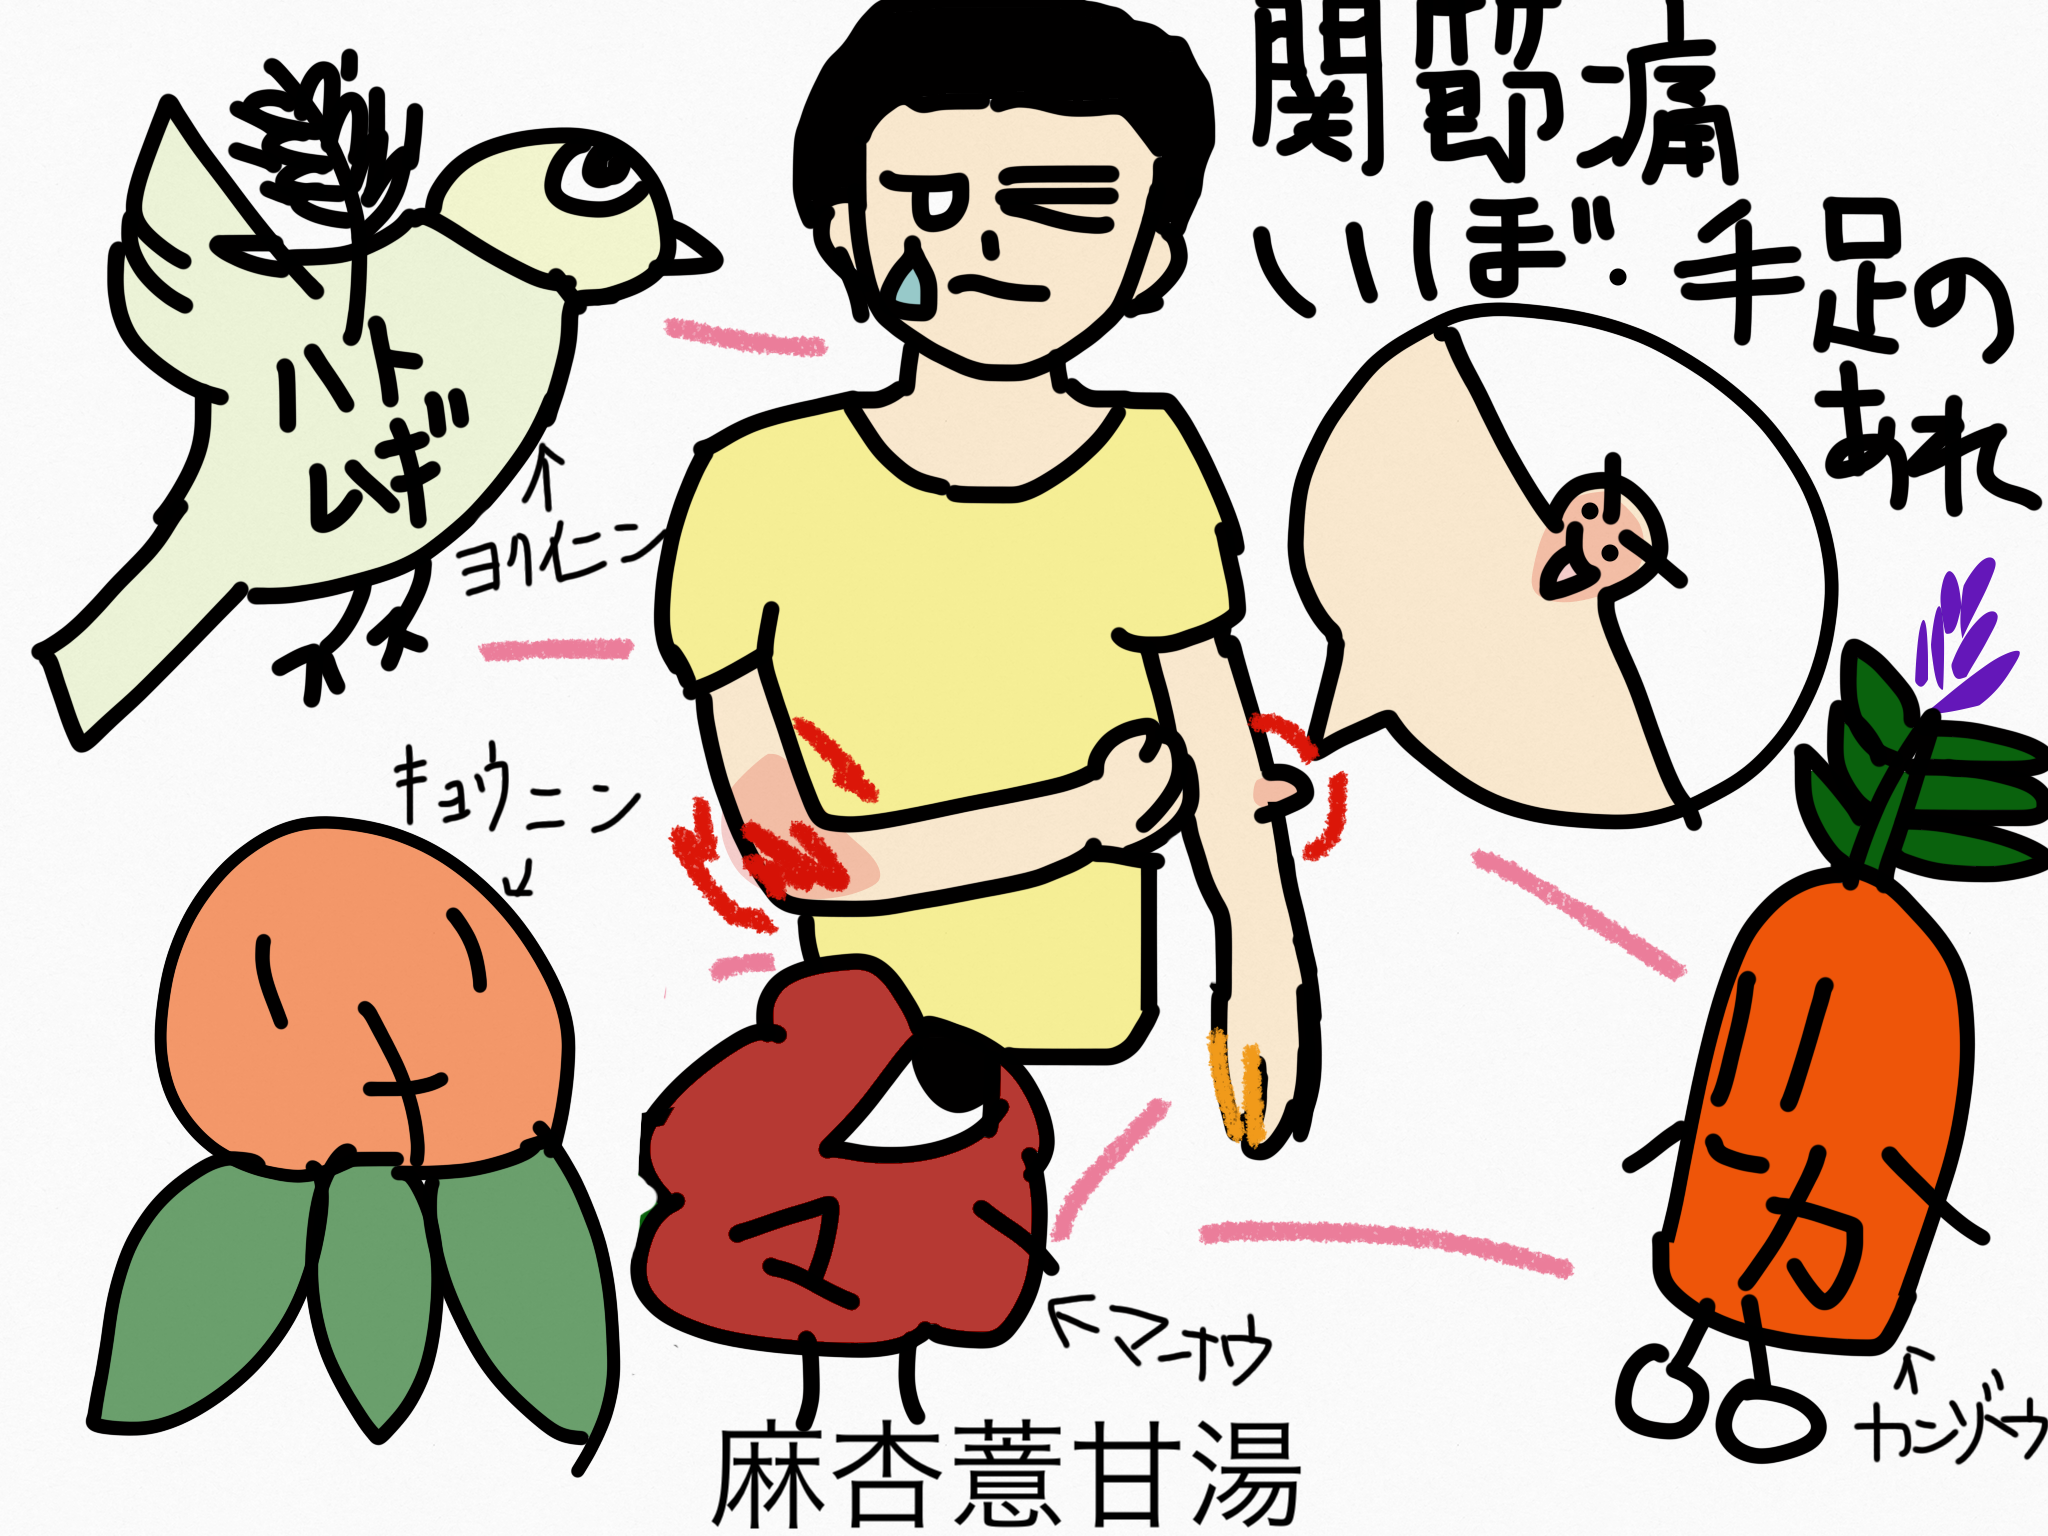 麻杏薏甘湯(まきょうよくかんとう)[鎮痛]【漢方の覚え方】